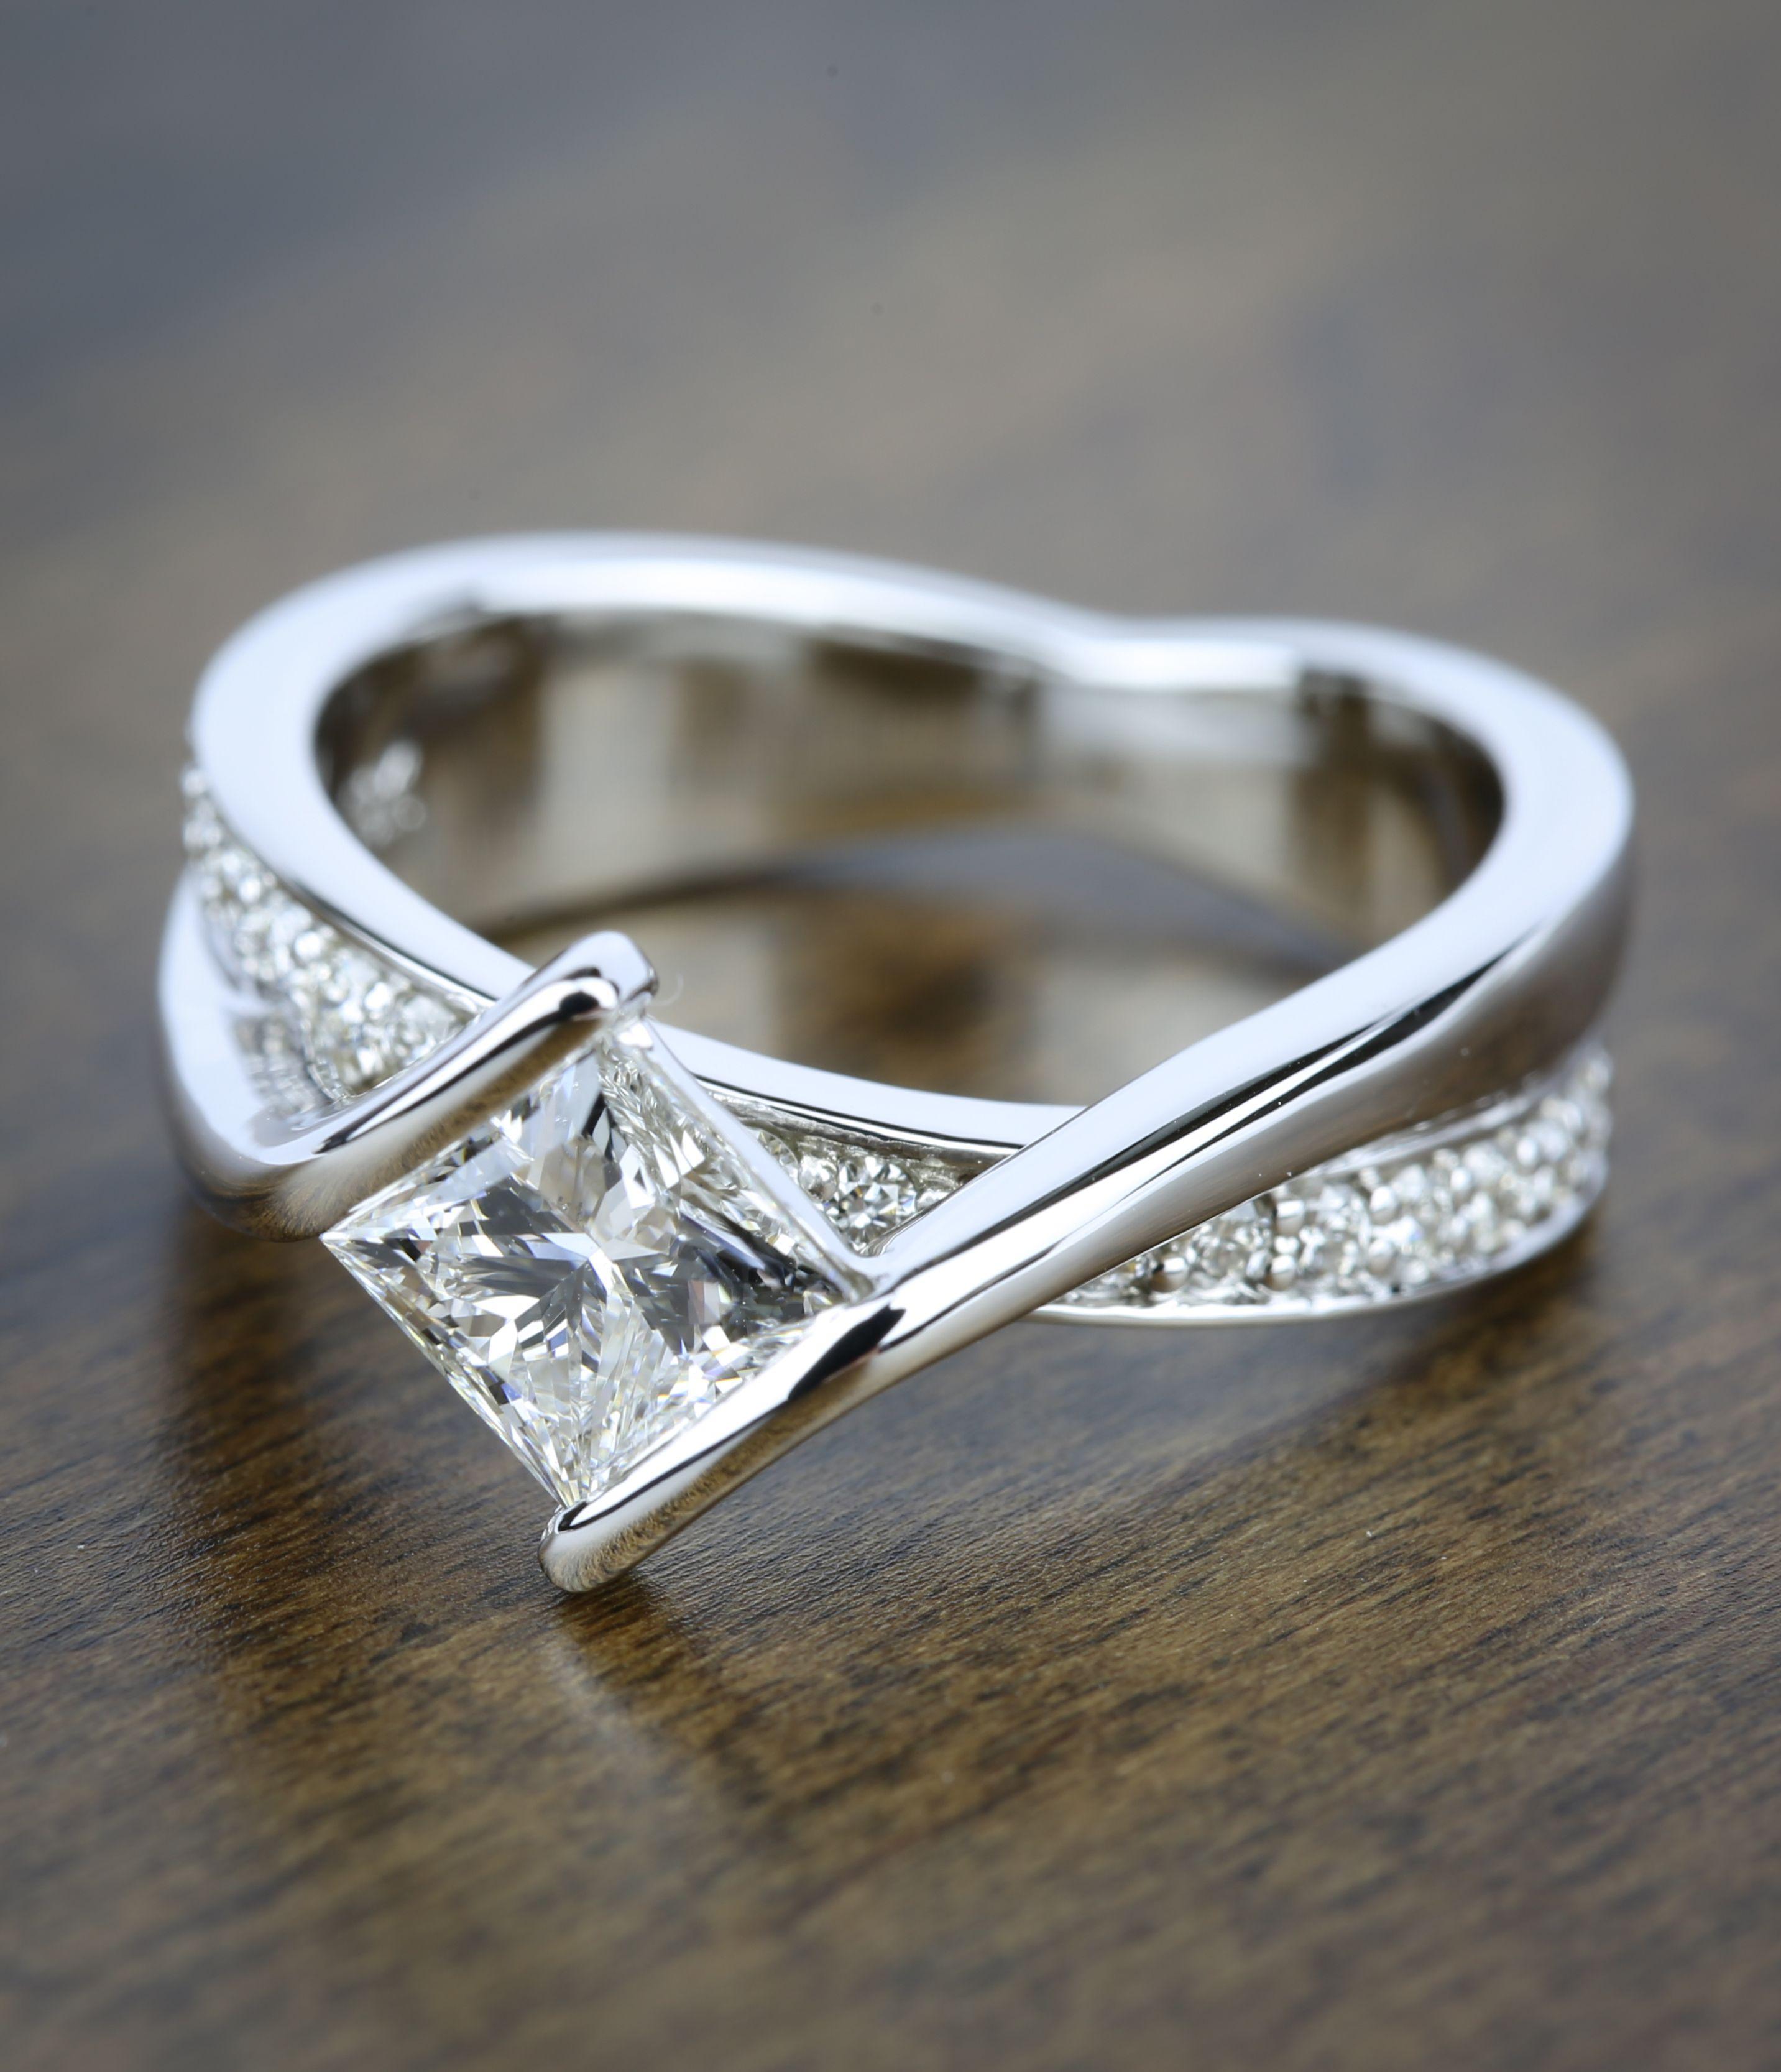 Best Of White Gold Wedding Rings In Dubai